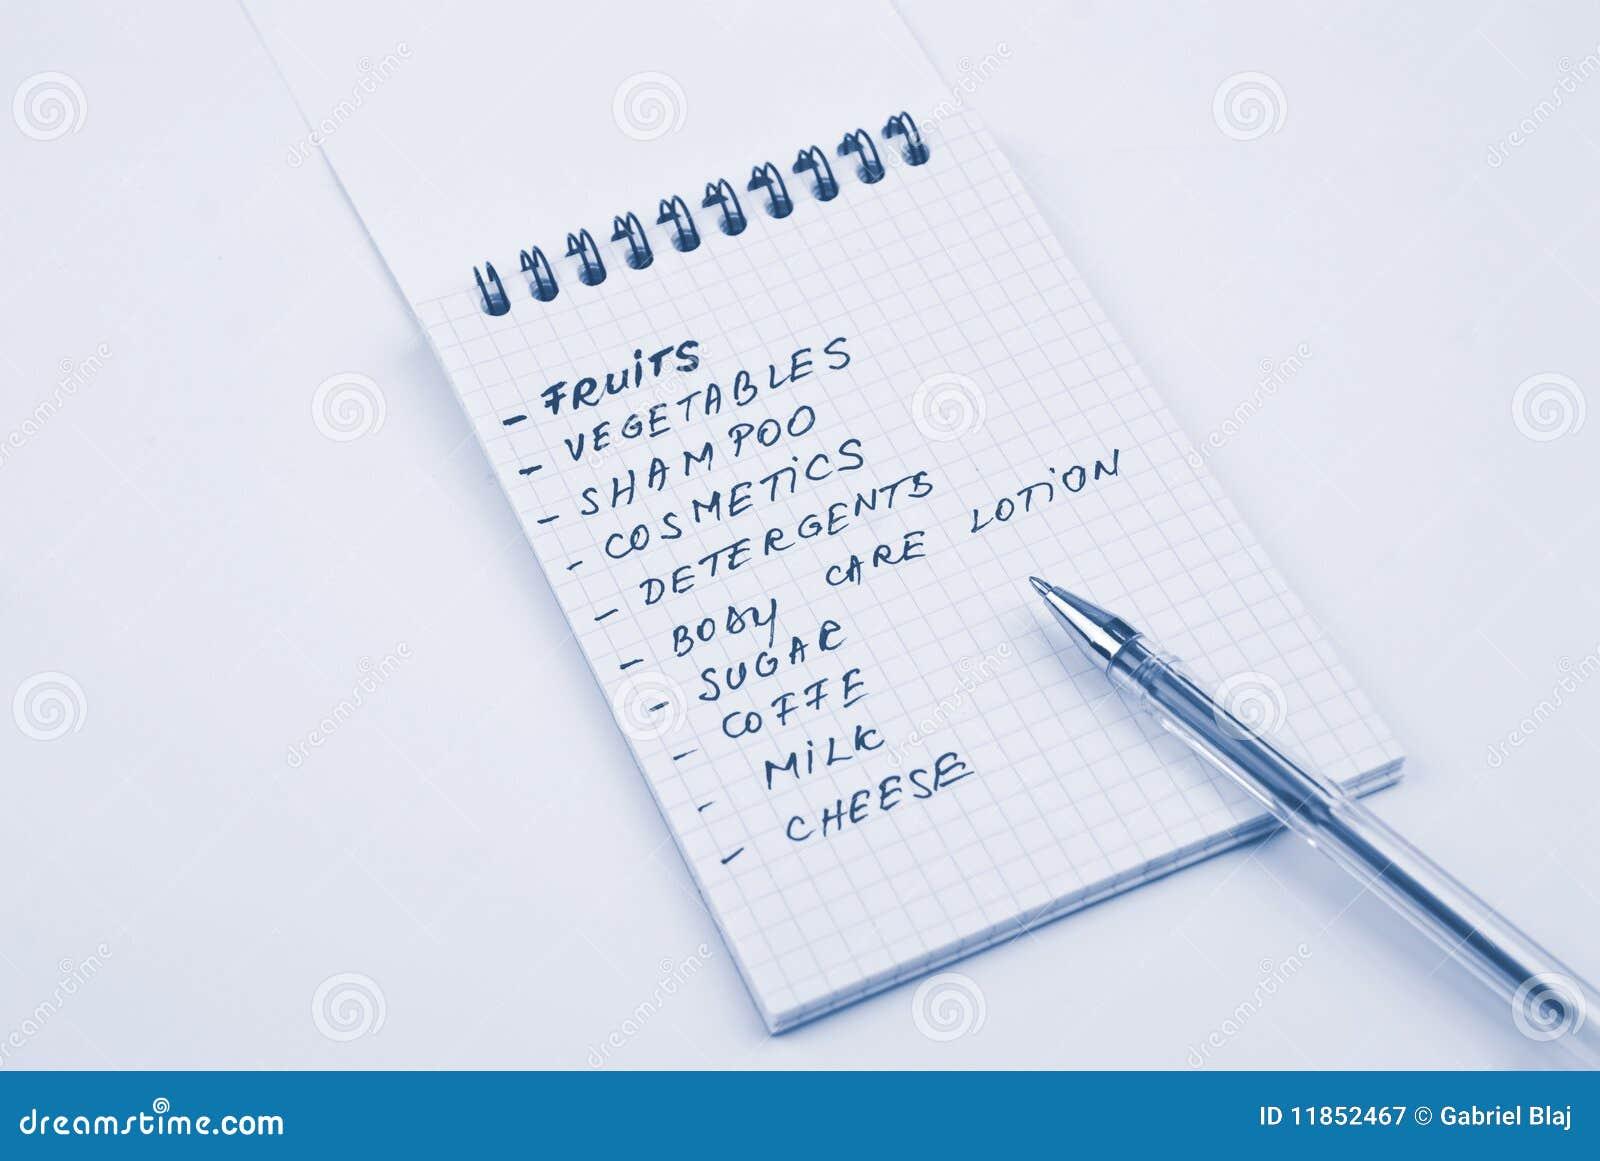 Ausgezeichnet Einkaufsliste Ideen - FORTSETZUNG ARBEITSBLATT ...